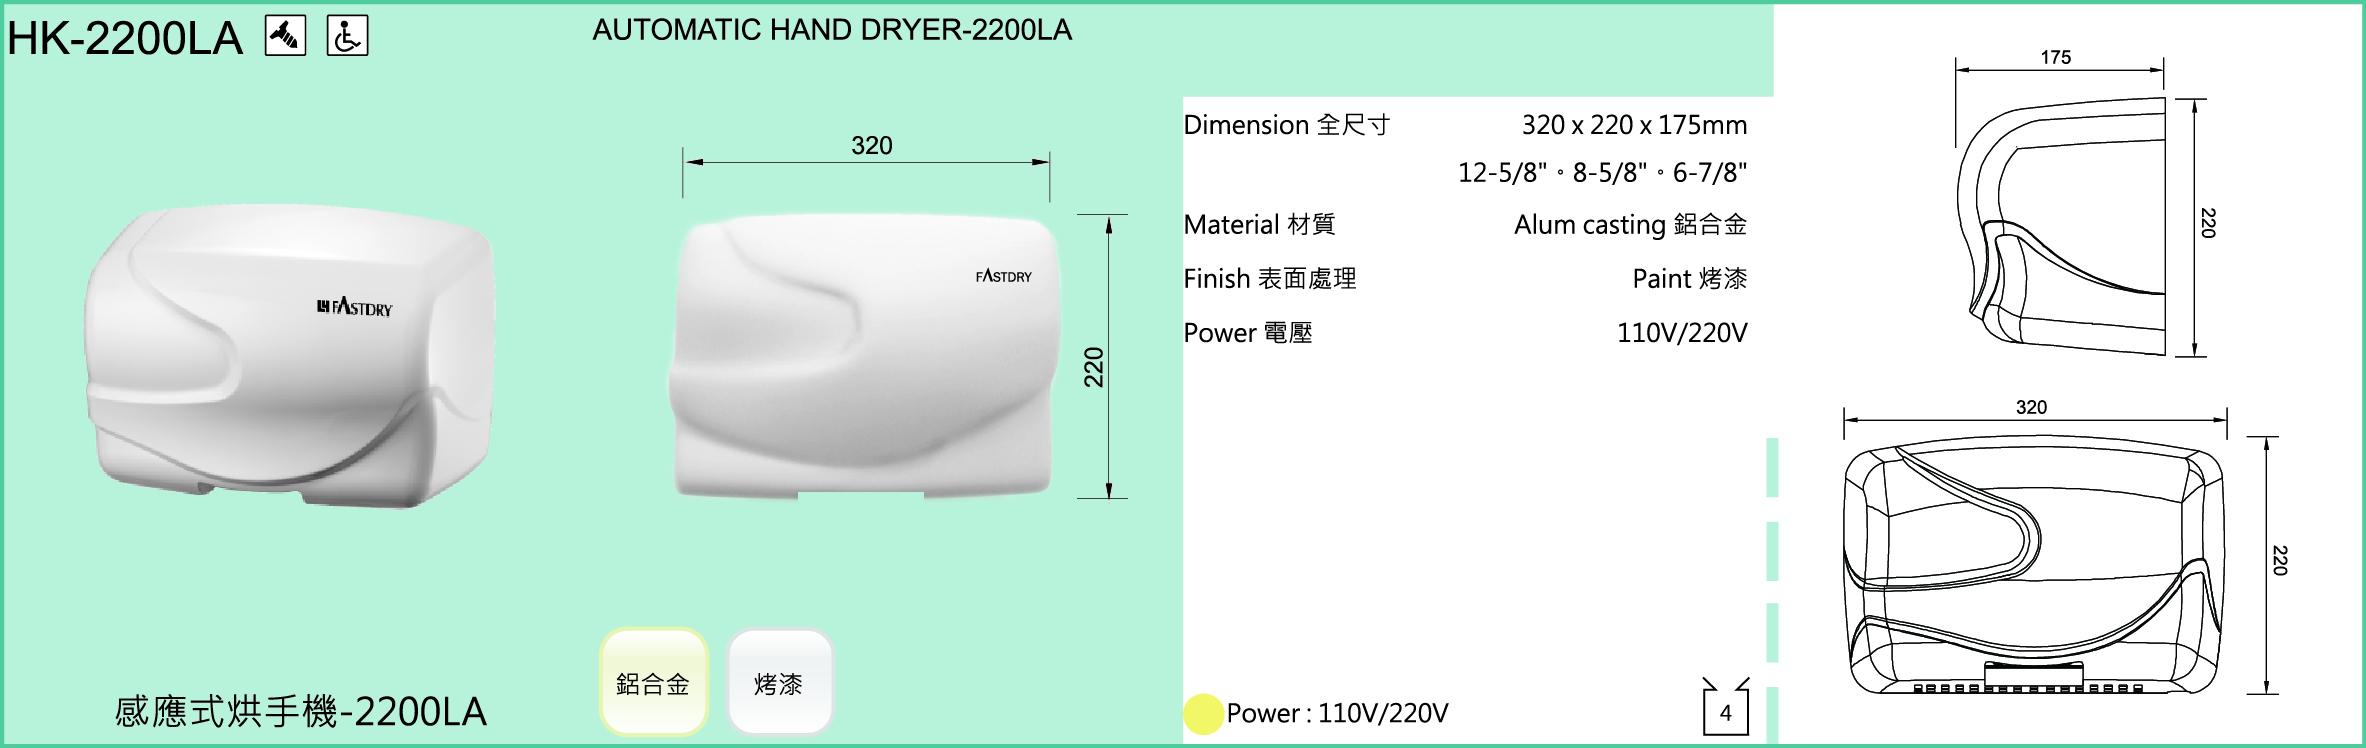 HK-2200LA.jpg